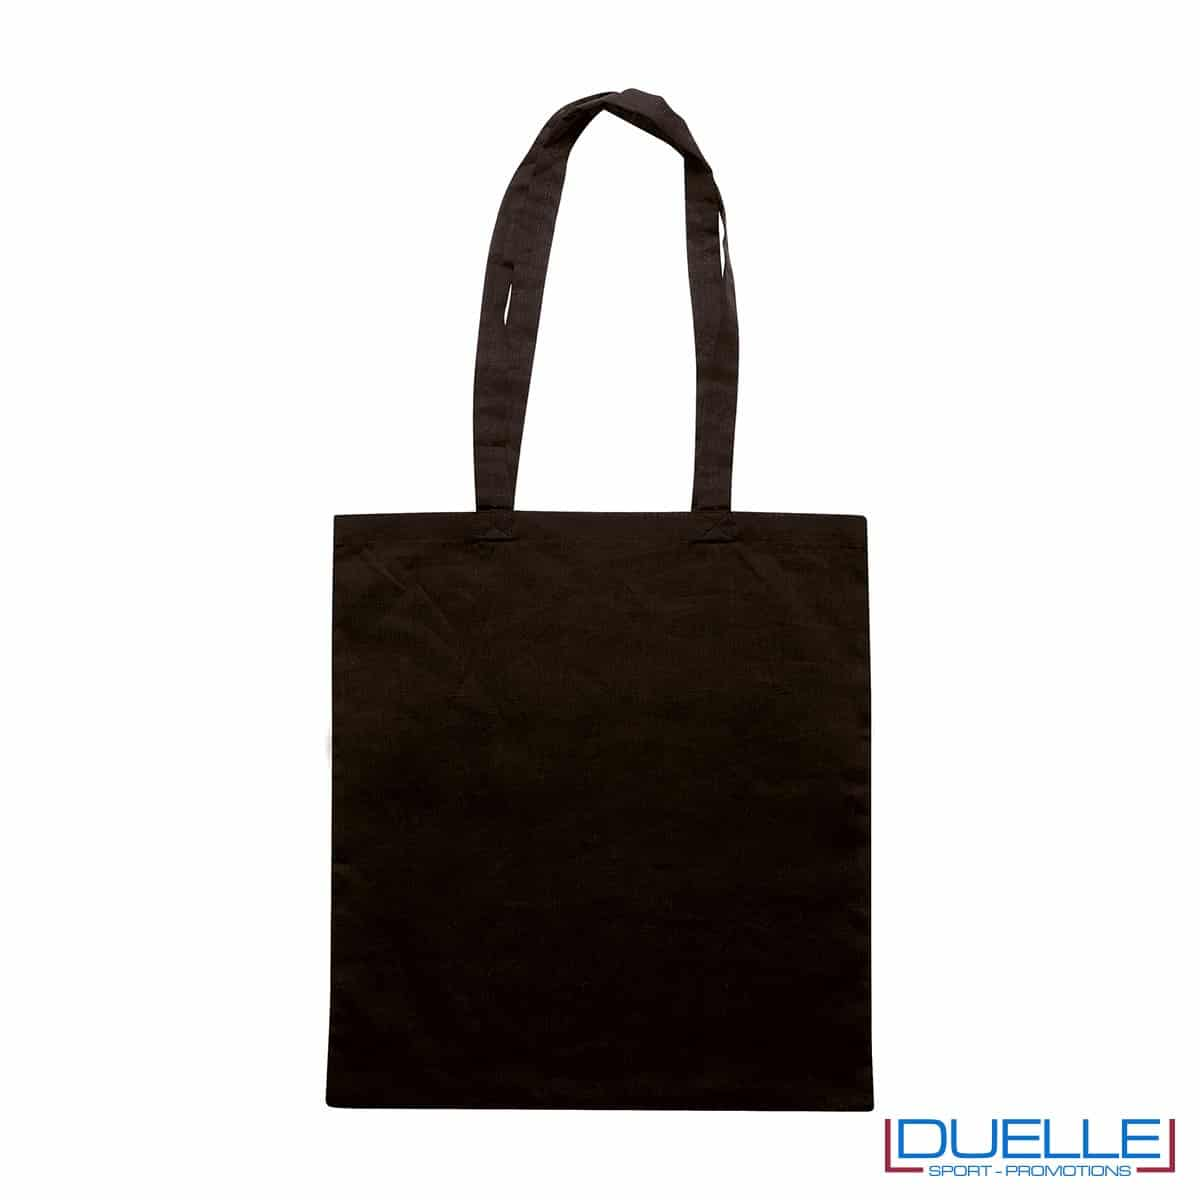 Shopper Personalizzate in Cotone Canvas, Borse Economiche Personalizzate, Gadget Personalizzati, gadget Aziendali